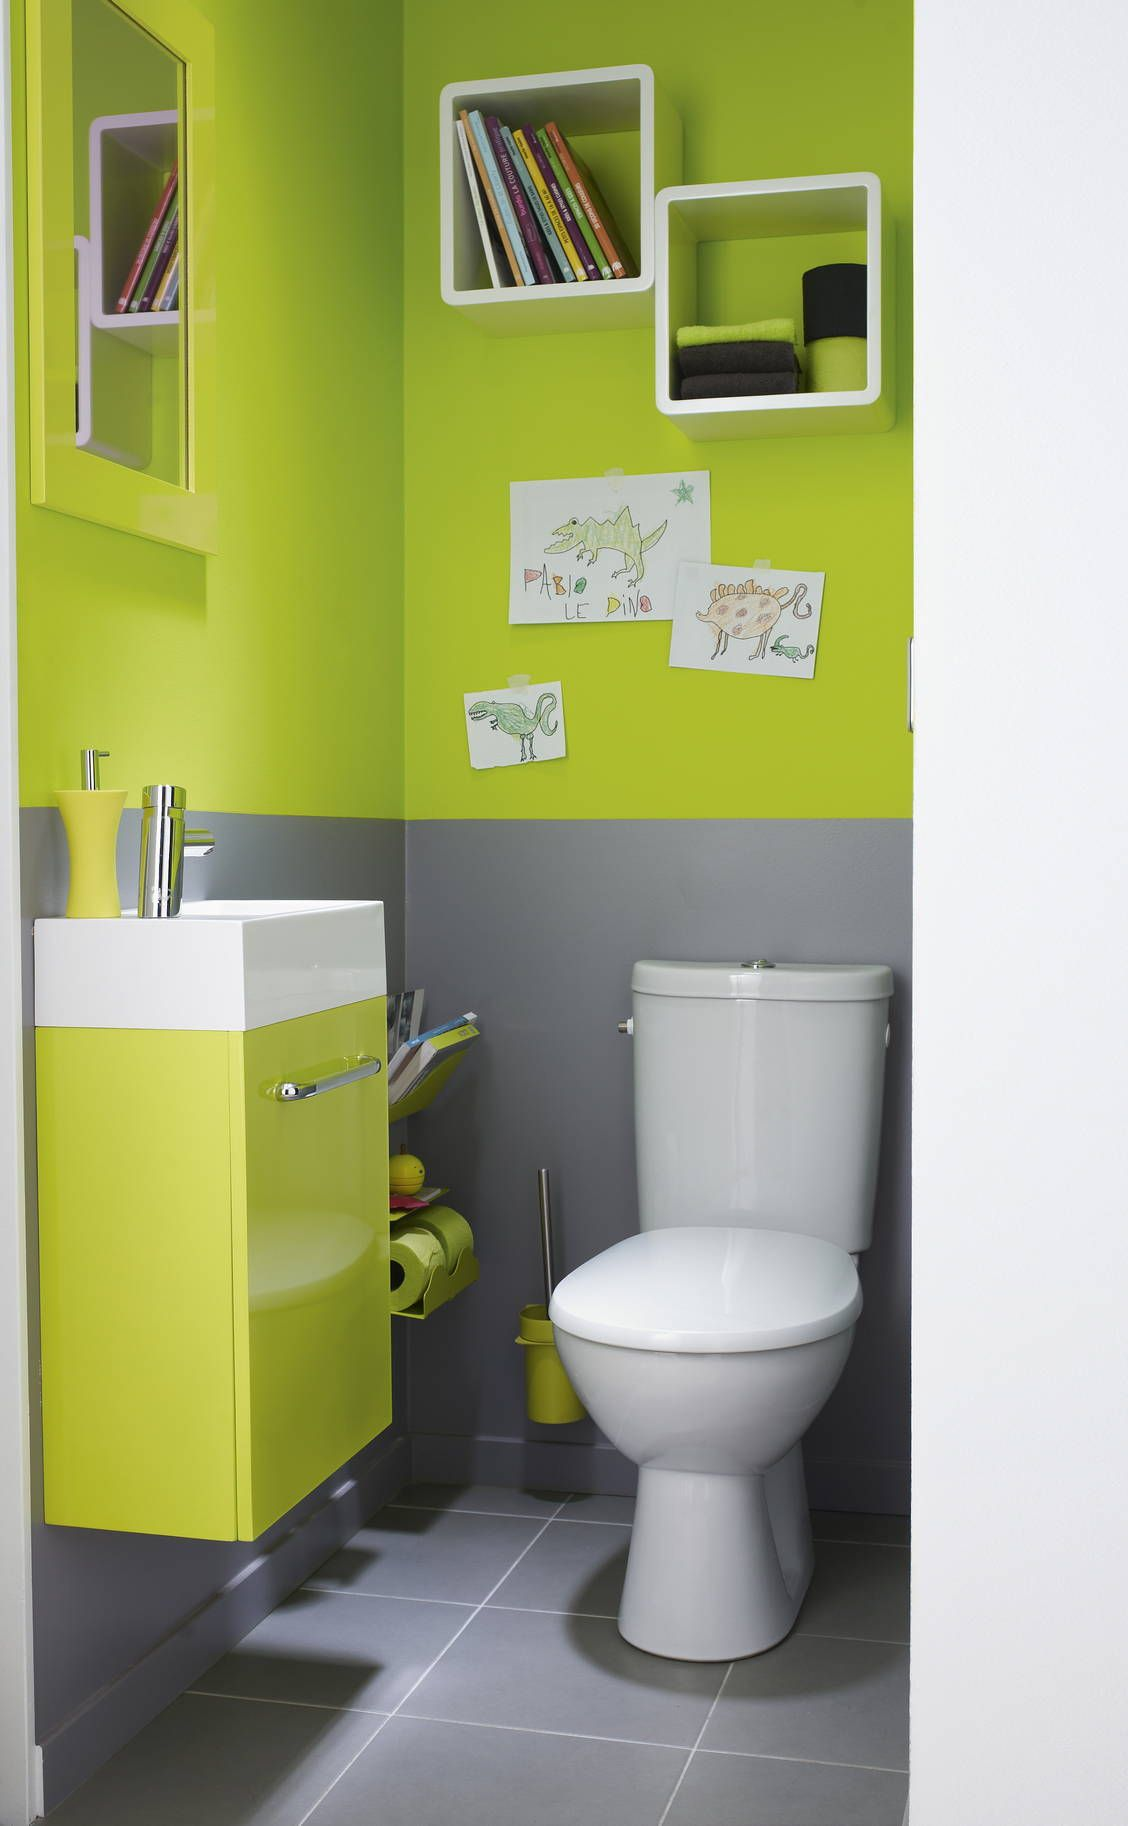 Déco Wc Quelle Peinture Choisir Pour Les Toilettes